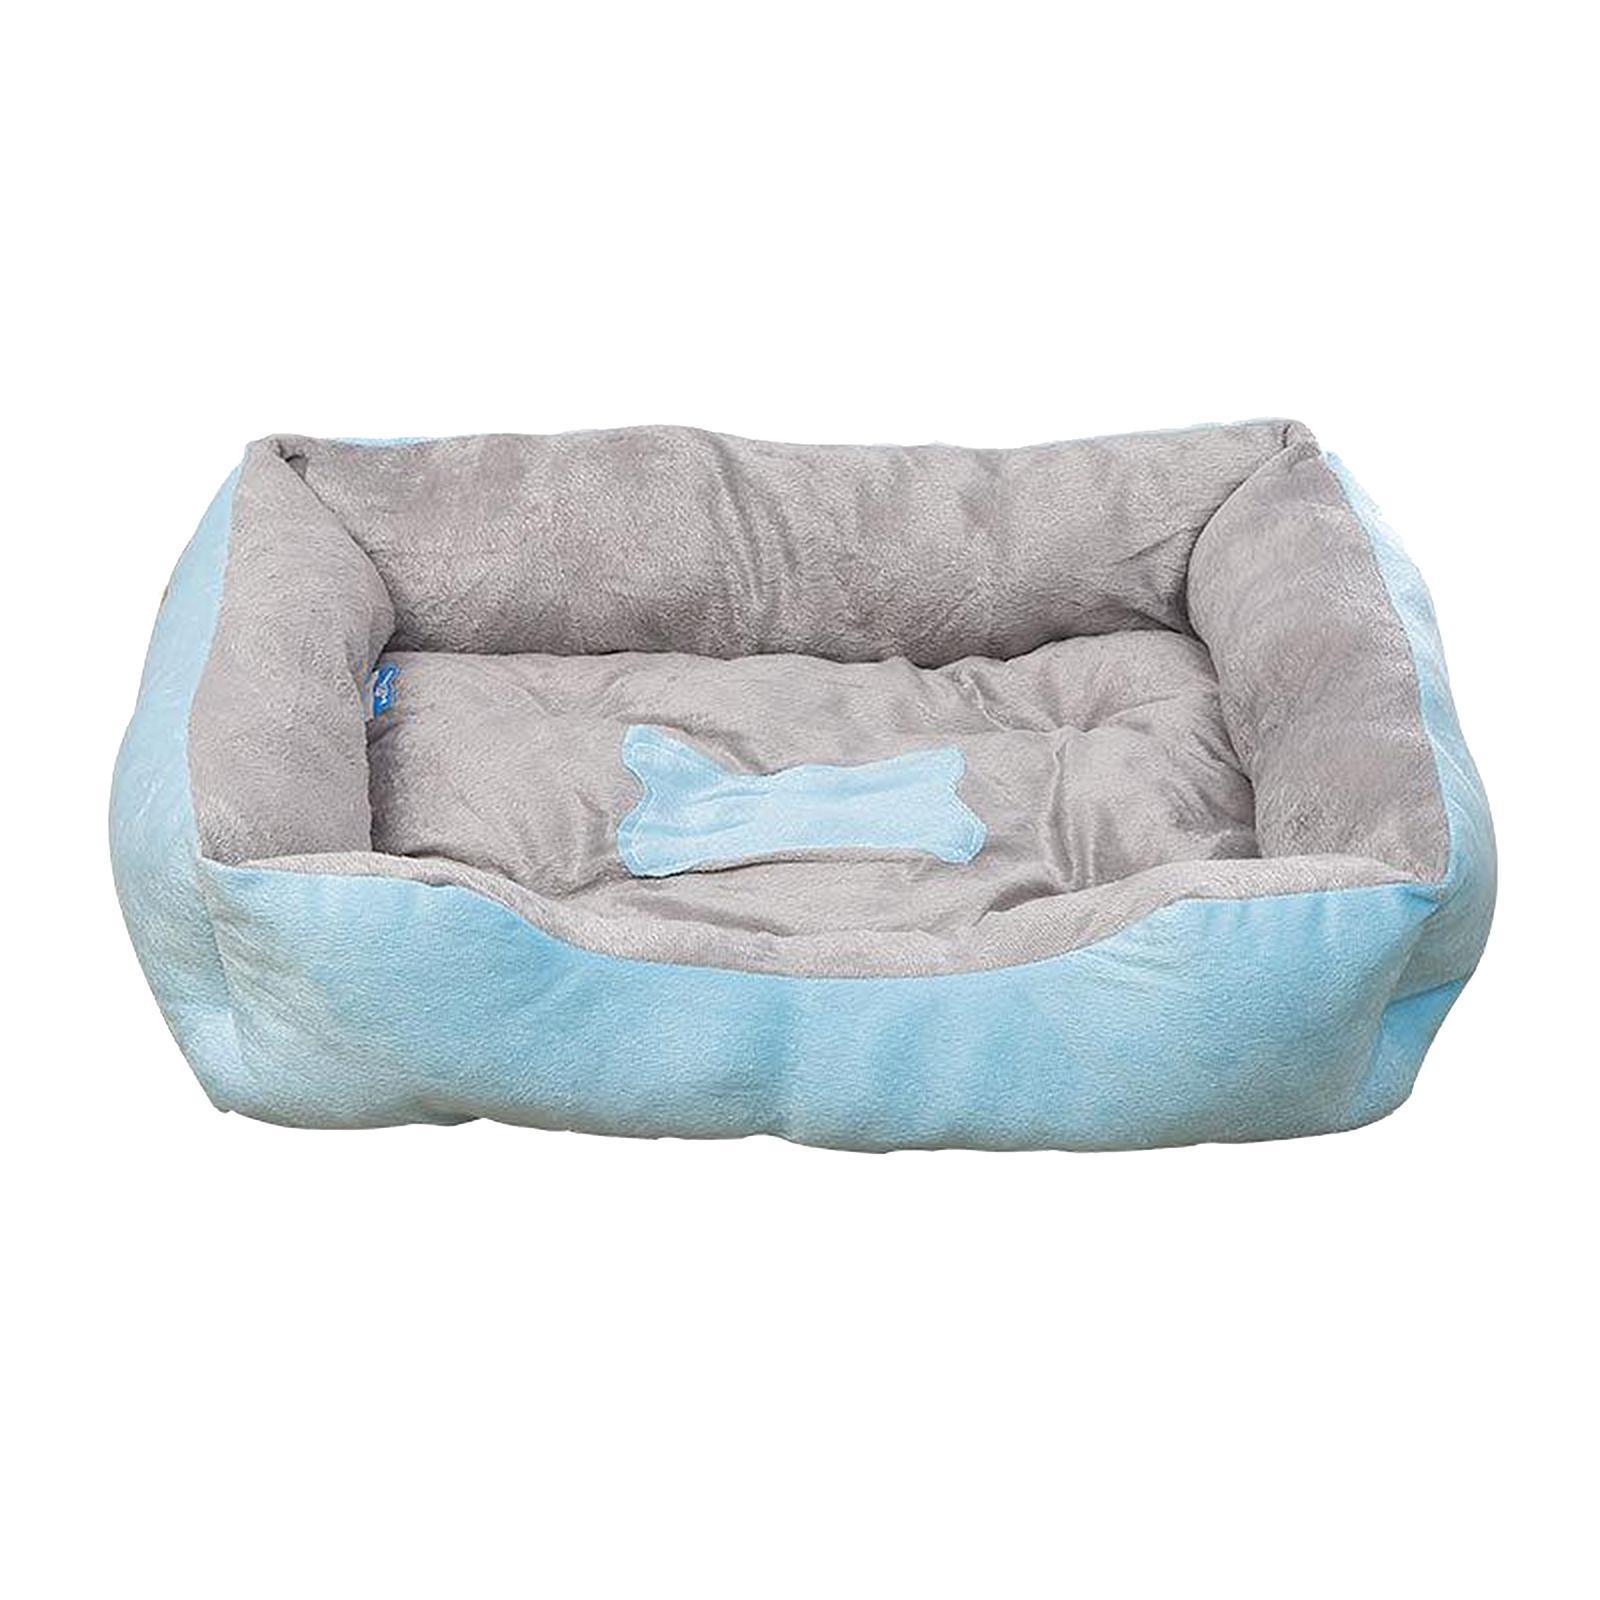 Indexbild 68 - Katze-Hund-Bett-Pet-Kissen-Betten-Haus-Schlaf-Soft-Warmen-Zwinger-Decke-Nest